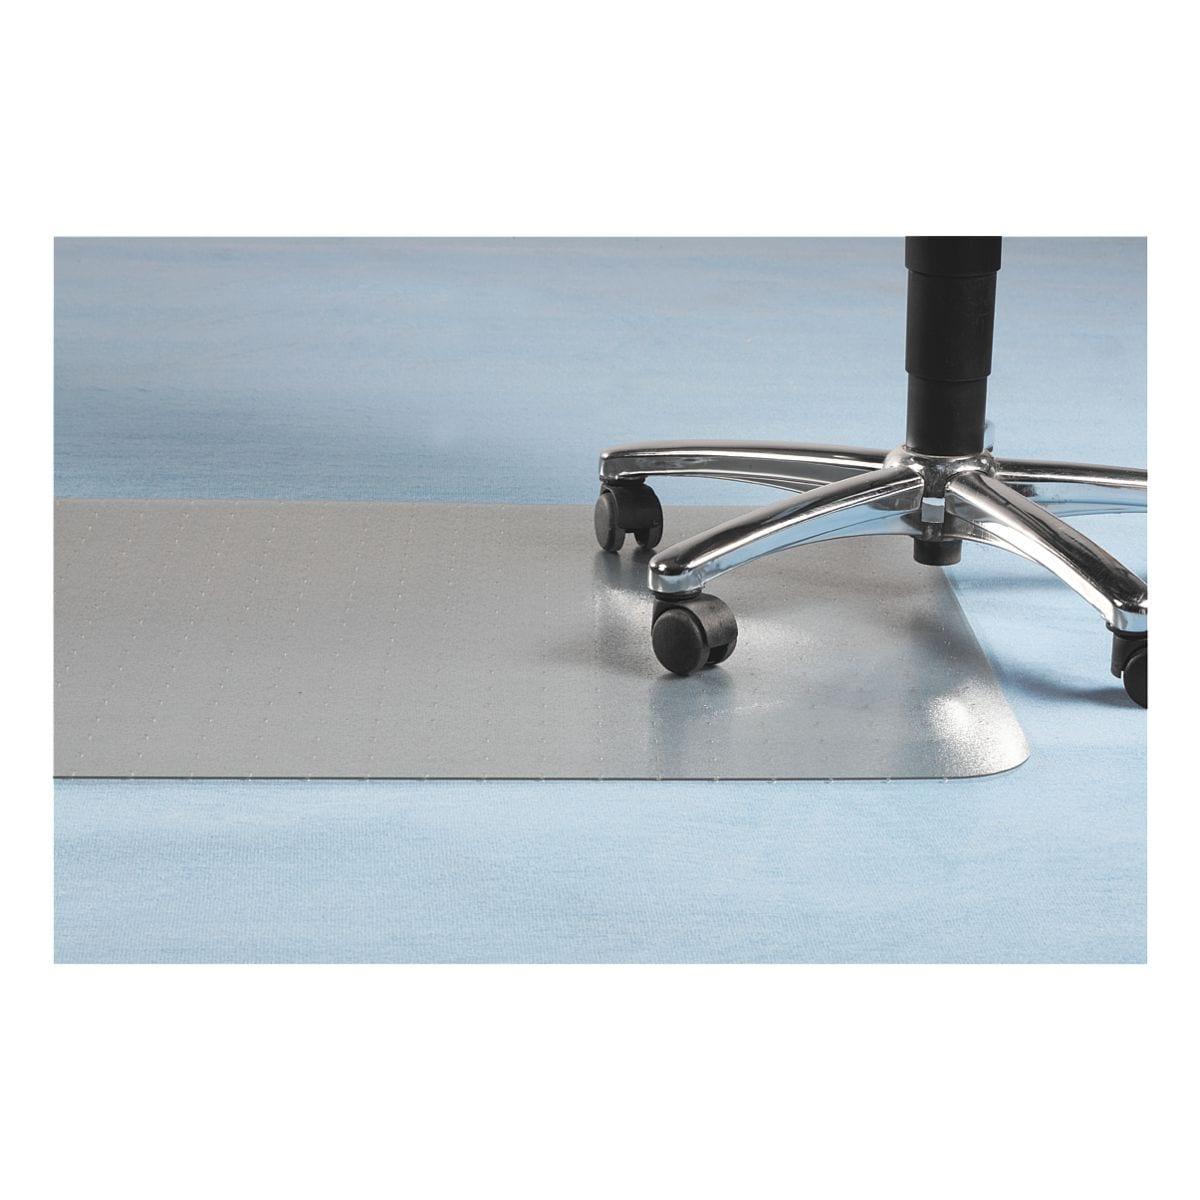 plaque protège-sol pour moquettes, PET, forme spéciale T 120 x 150 cm, OTTO Office Nature Plaque protège-sol pour moquettes